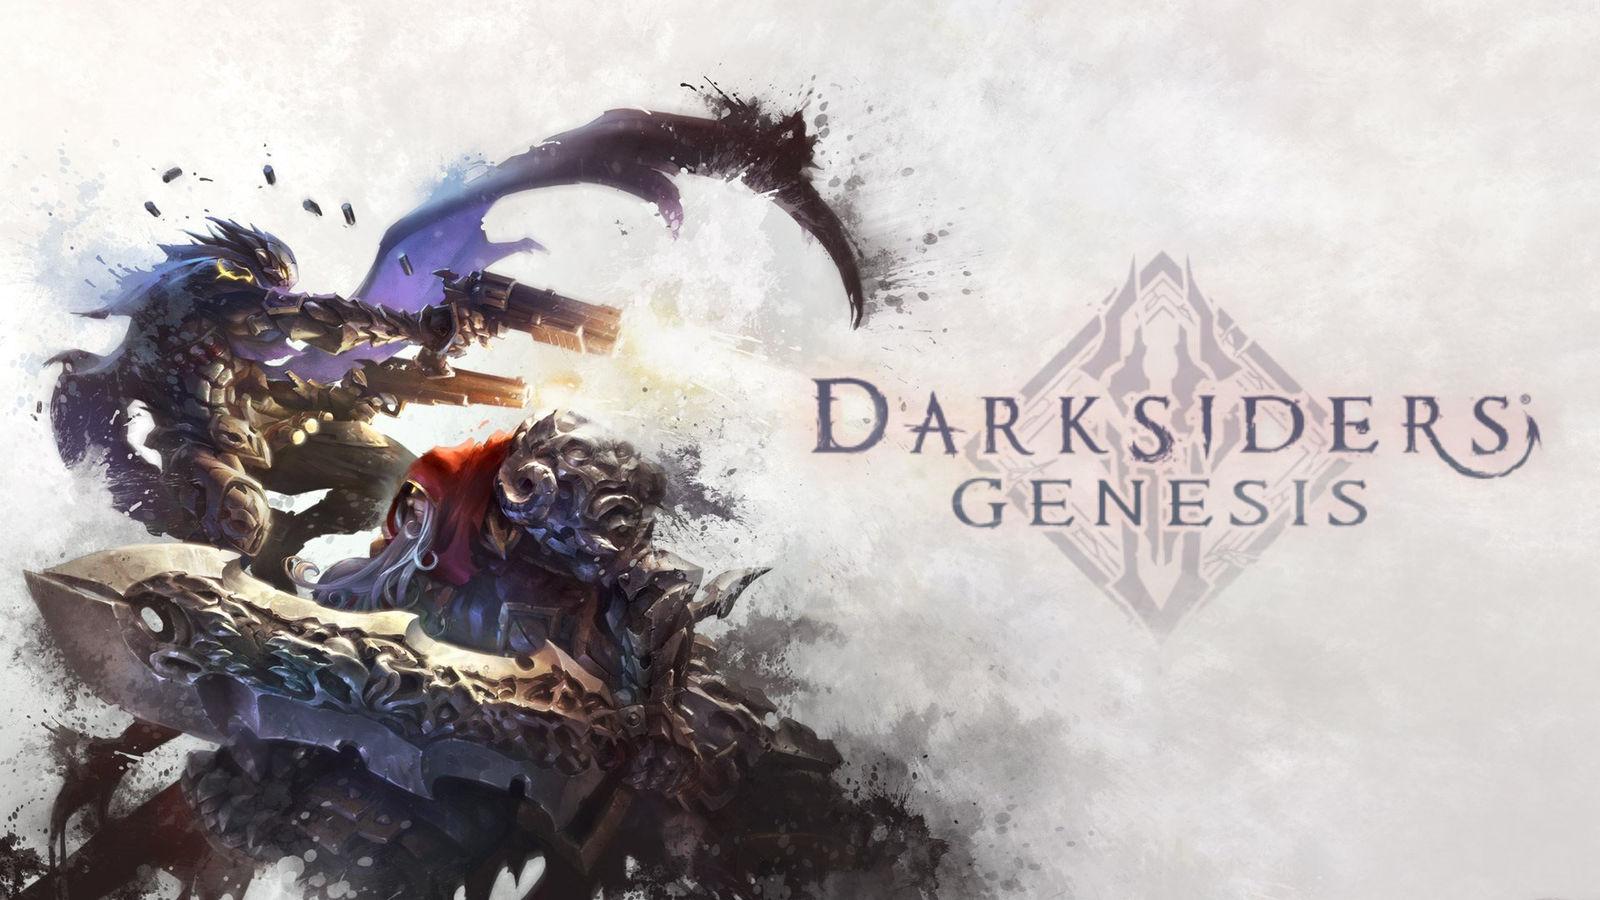 Darksiders Genesis (Steam) RU/CIS